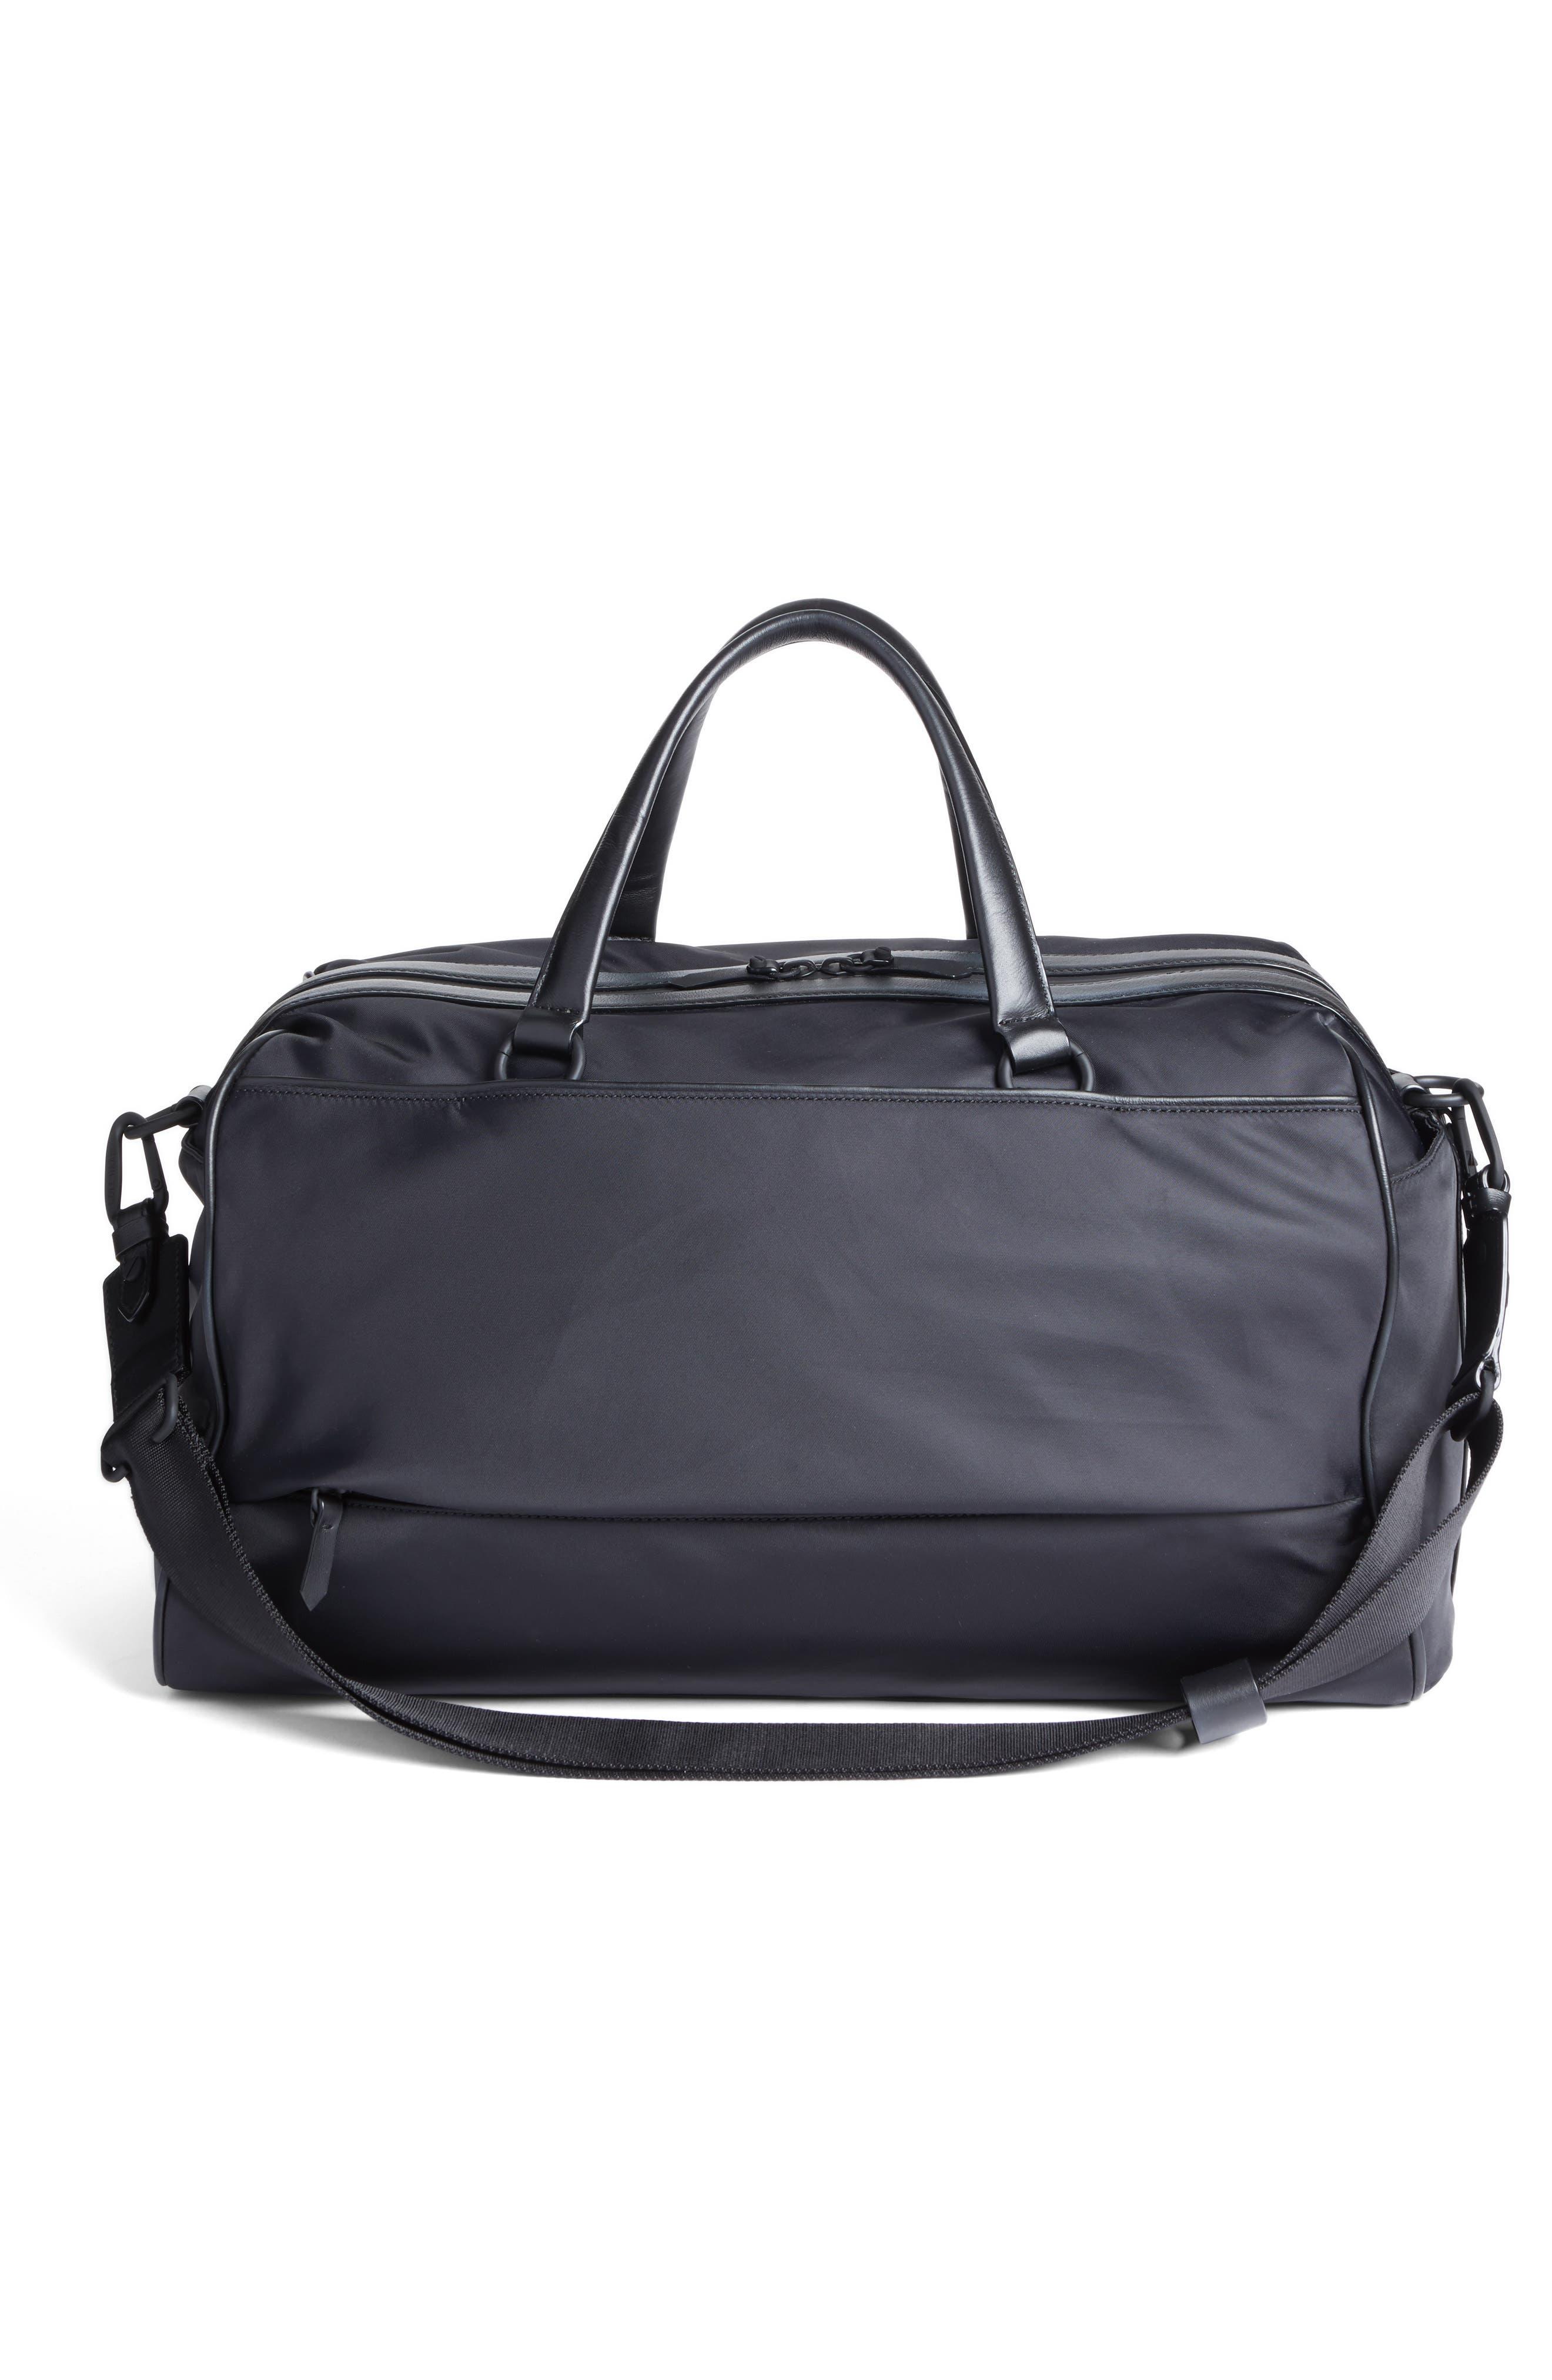 Grand Duffel Bag,                             Alternate thumbnail 3, color,                             001